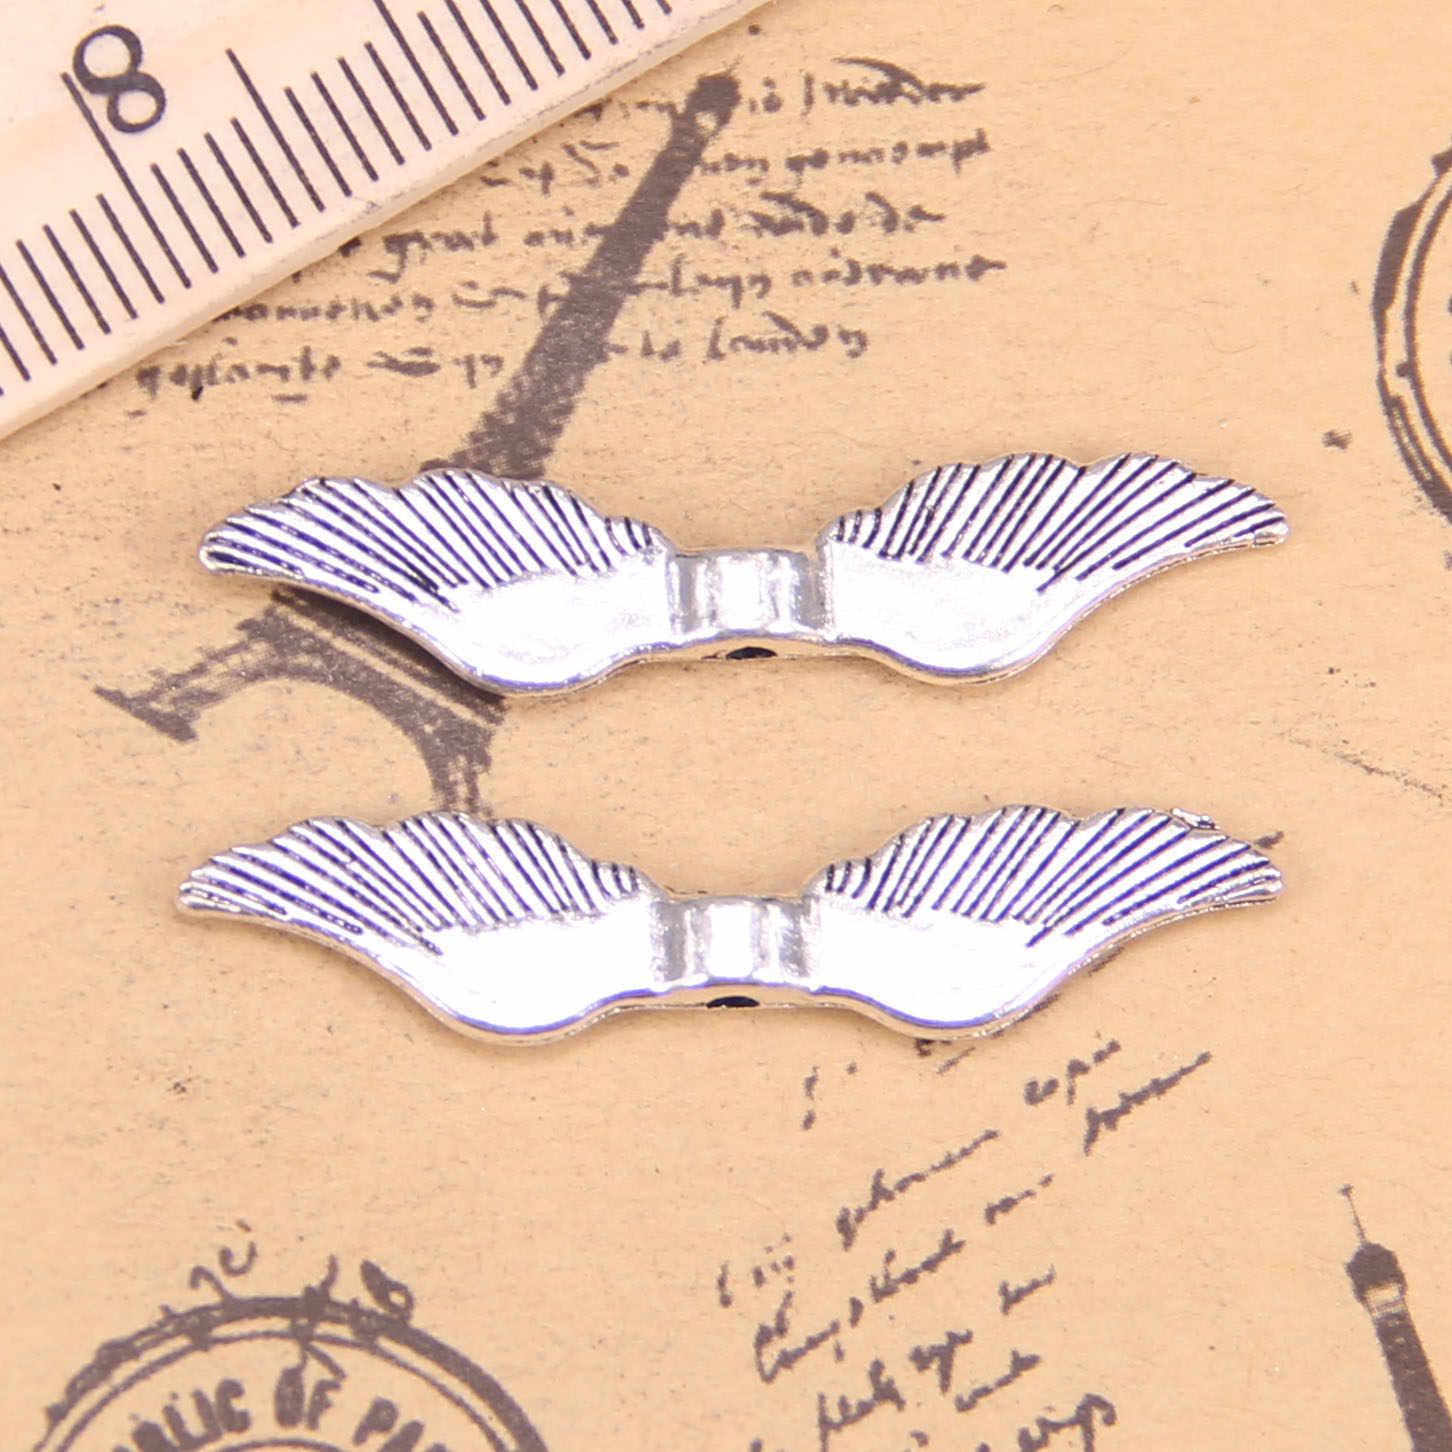 90 sztuk biżuteria Charms angel wings koralik 8x36mm Antique Silver Plated zawieszki dokonywanie DIY Handmade tybetański srebrny biżuteria